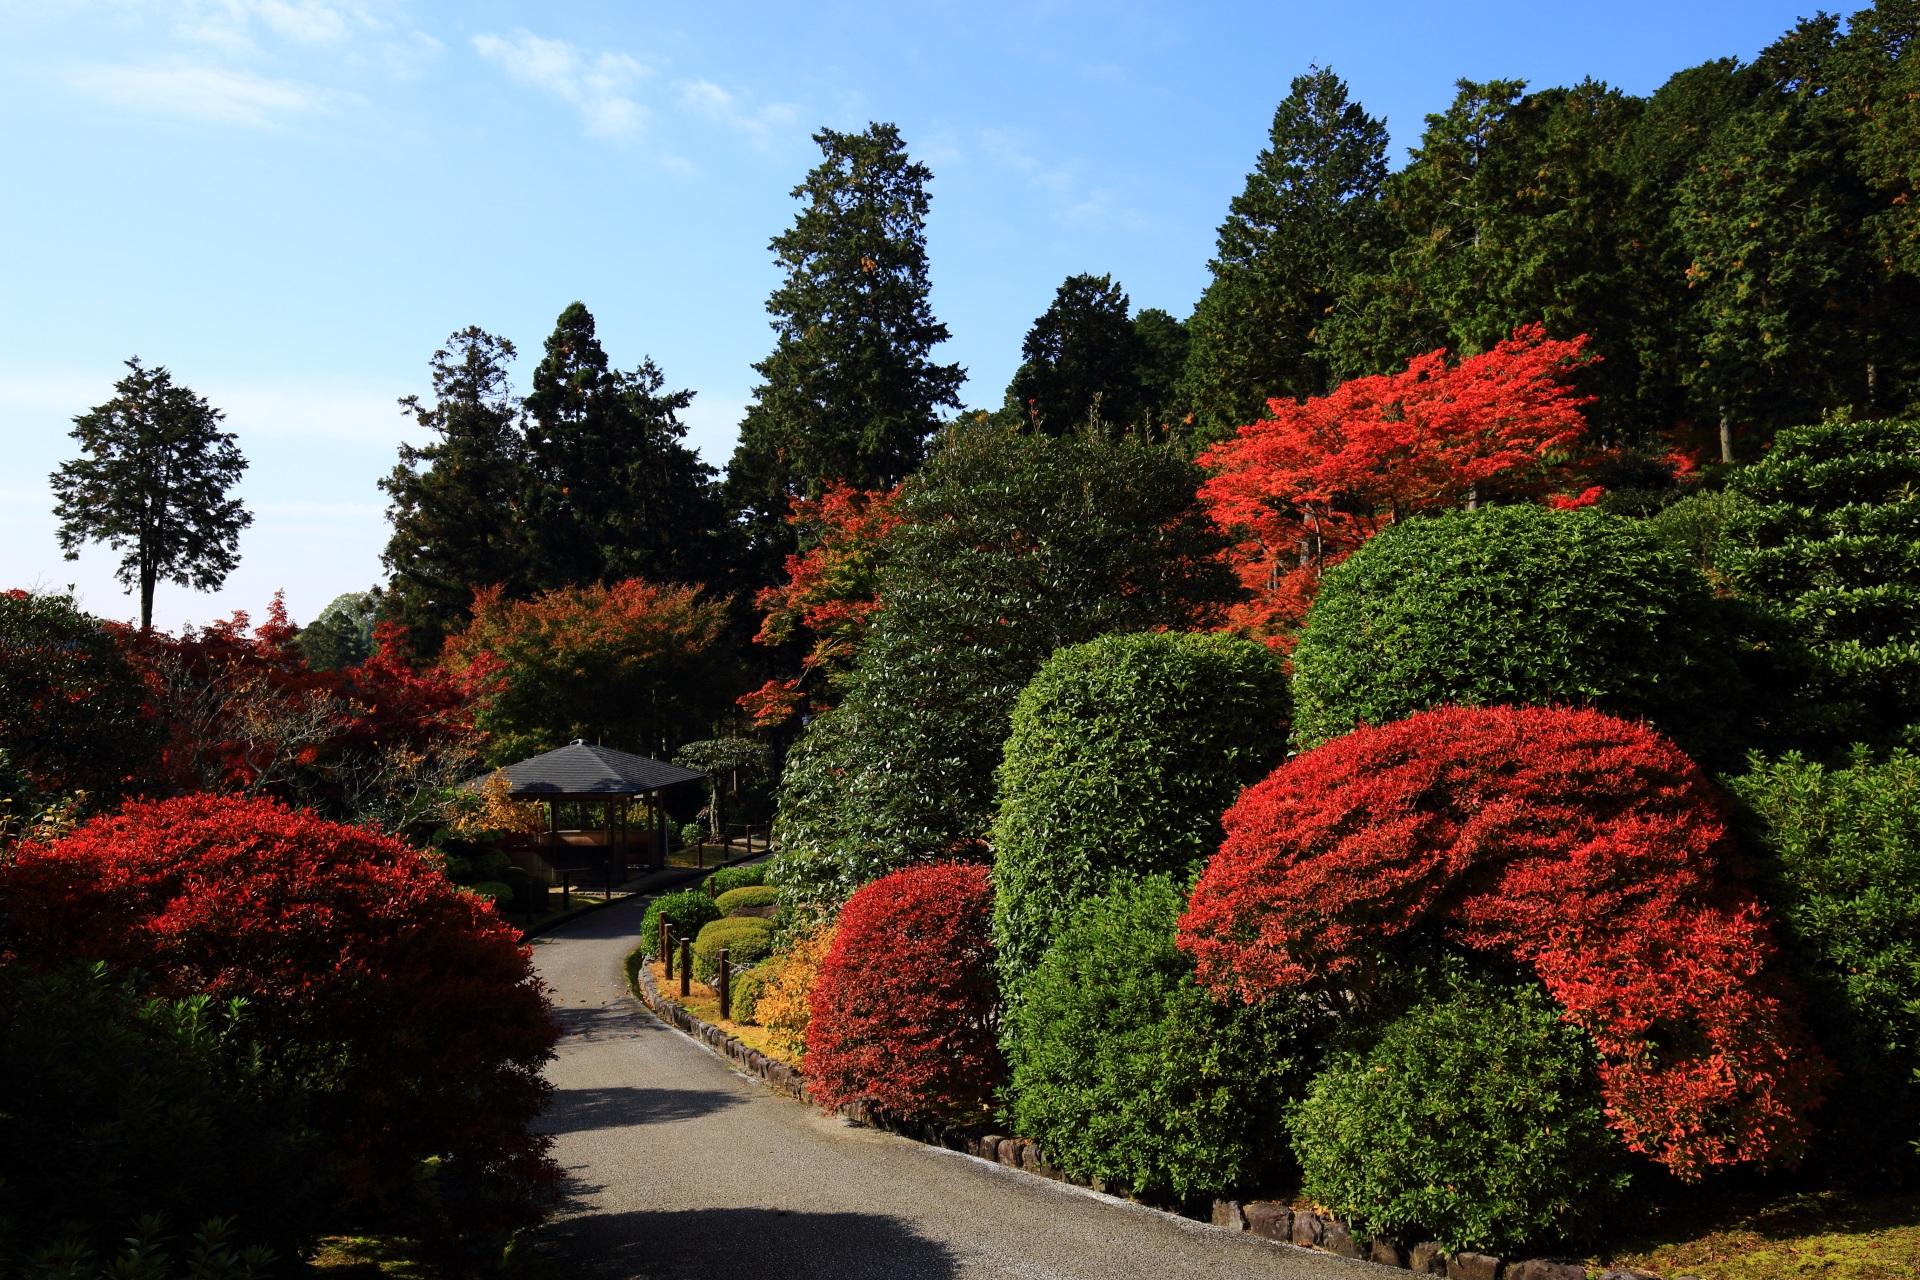 三室戸寺のツツジの紅葉